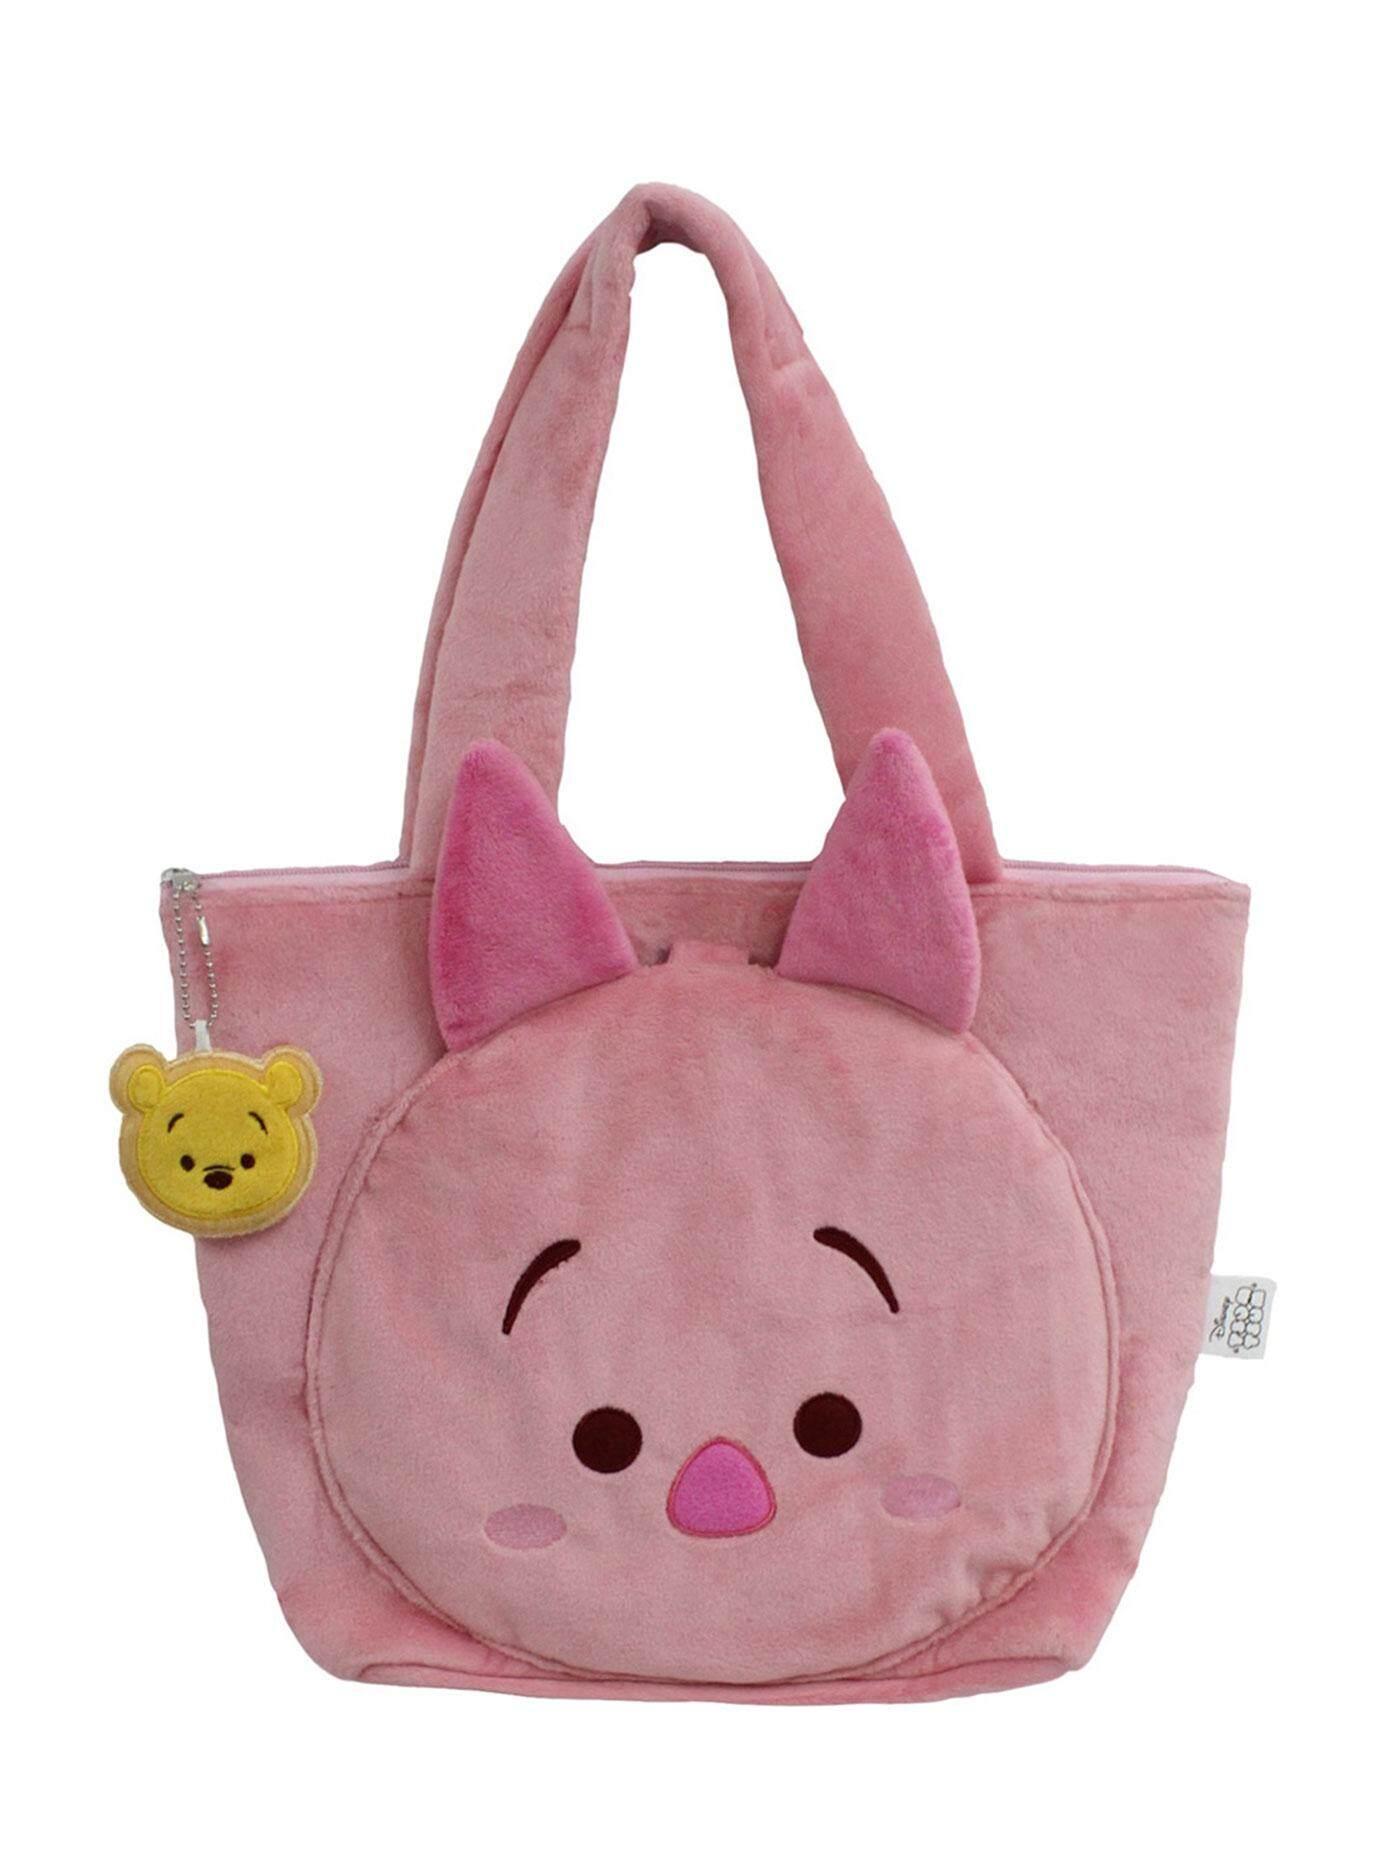 กระเป๋าสะพายเด็ก Piglet โปรโมชั่น ราคาถูก